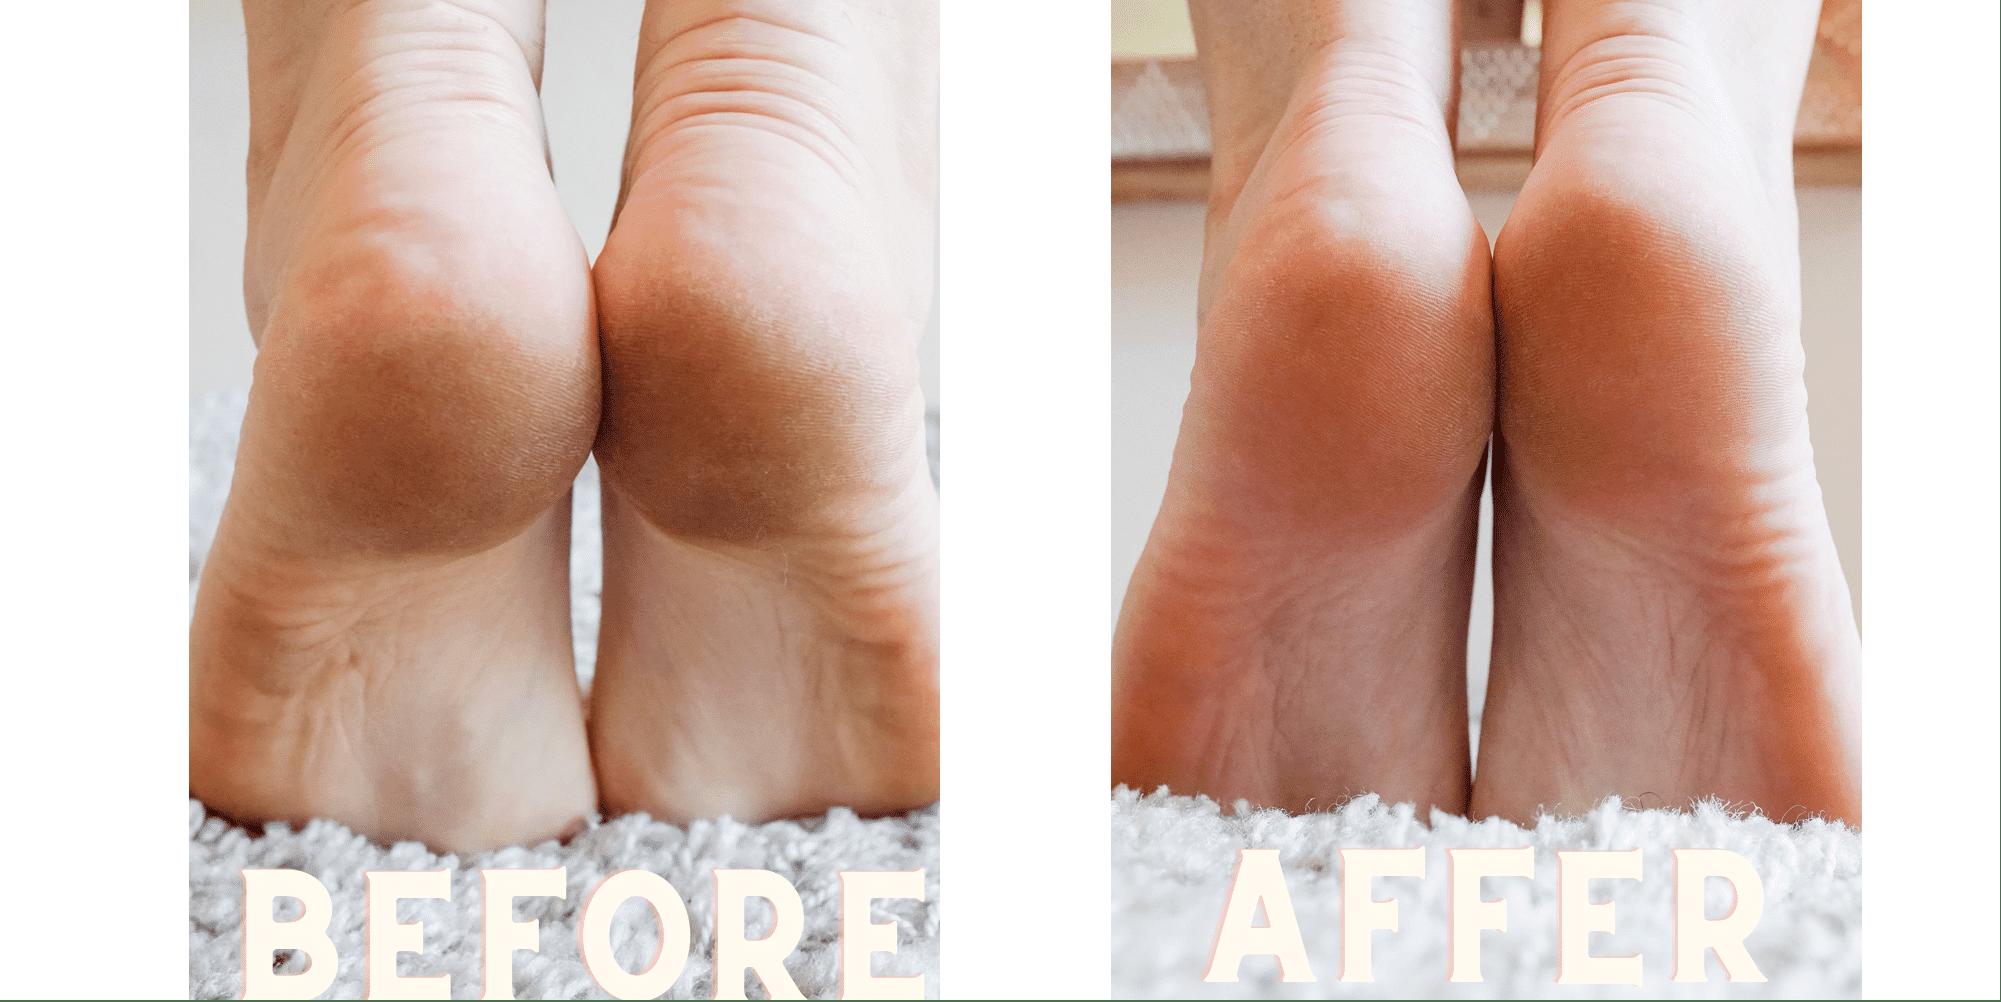 Kerasal Intensive Foot Repair Kerasal Multi-Purpose Nail Repair